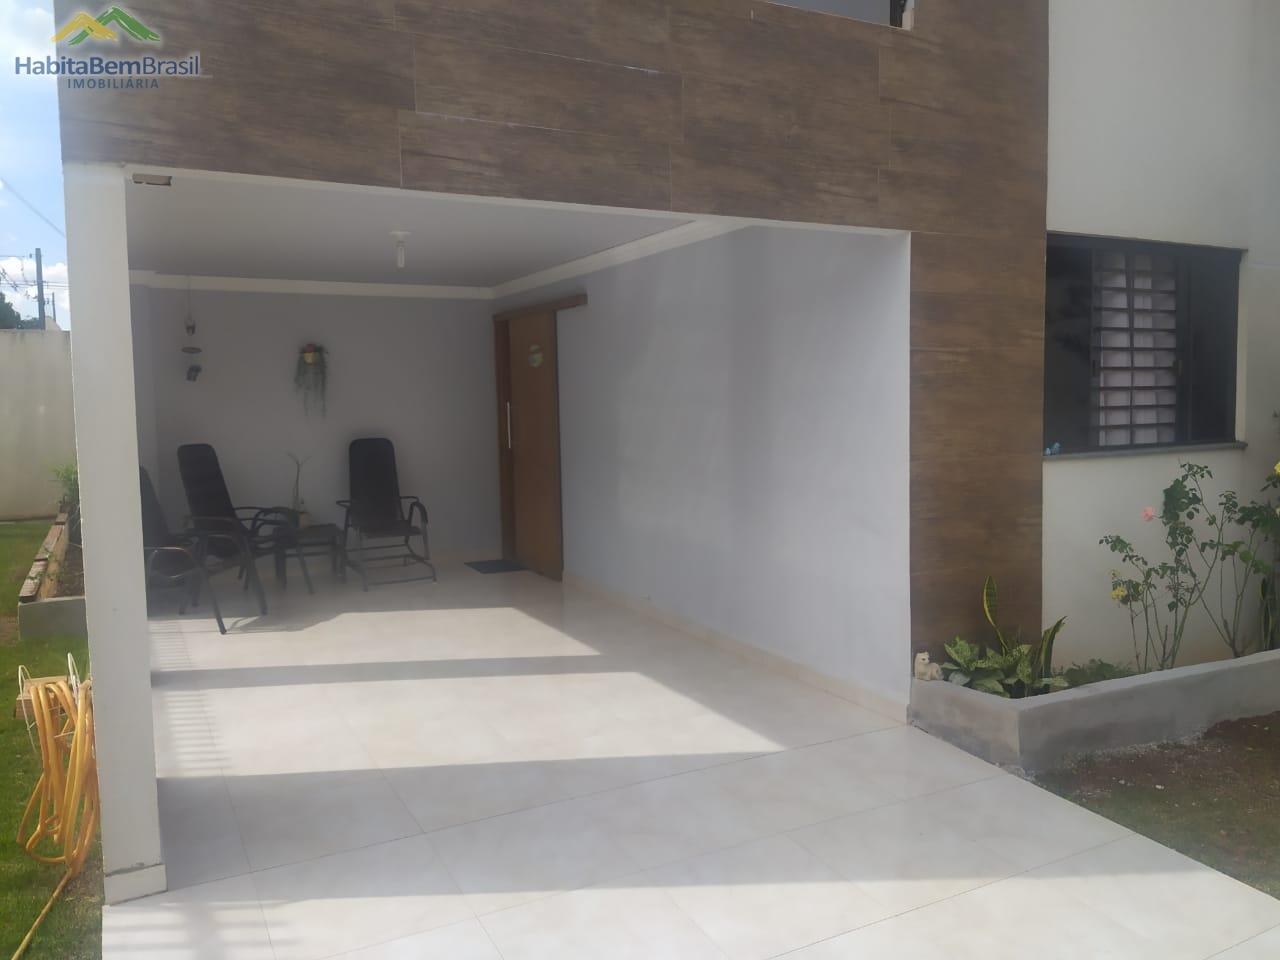 Sobrado com 3 dormitórios à venda,448.92m², JARDIM SANTA MARIA, TOLEDO - PR